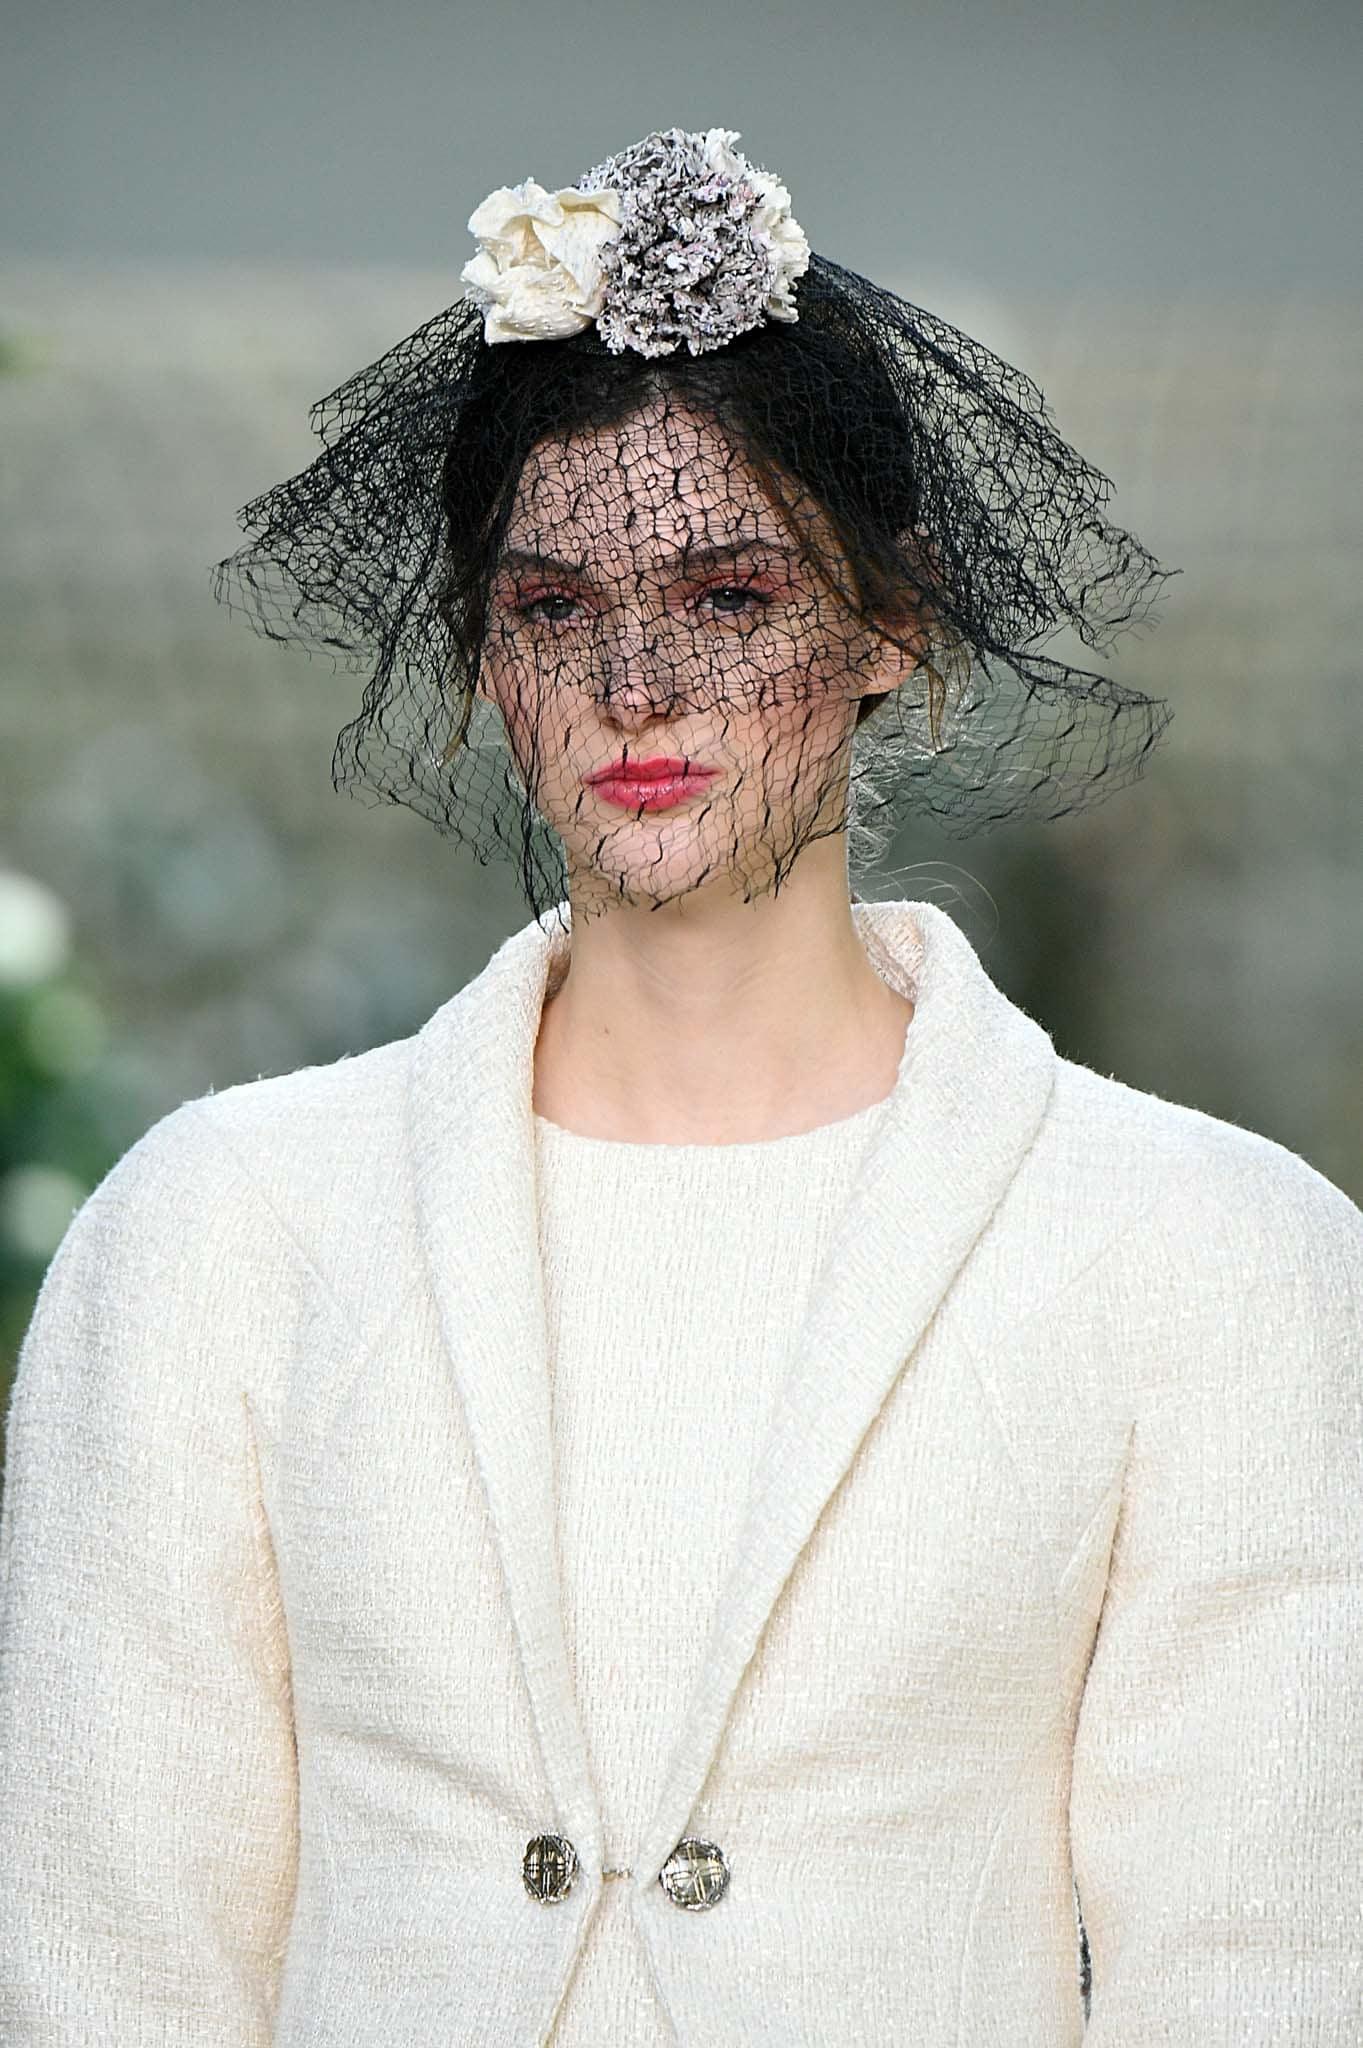 Cabello recogido castaño oscuro, cubierto por un adorno floral y un velo de encaje negro